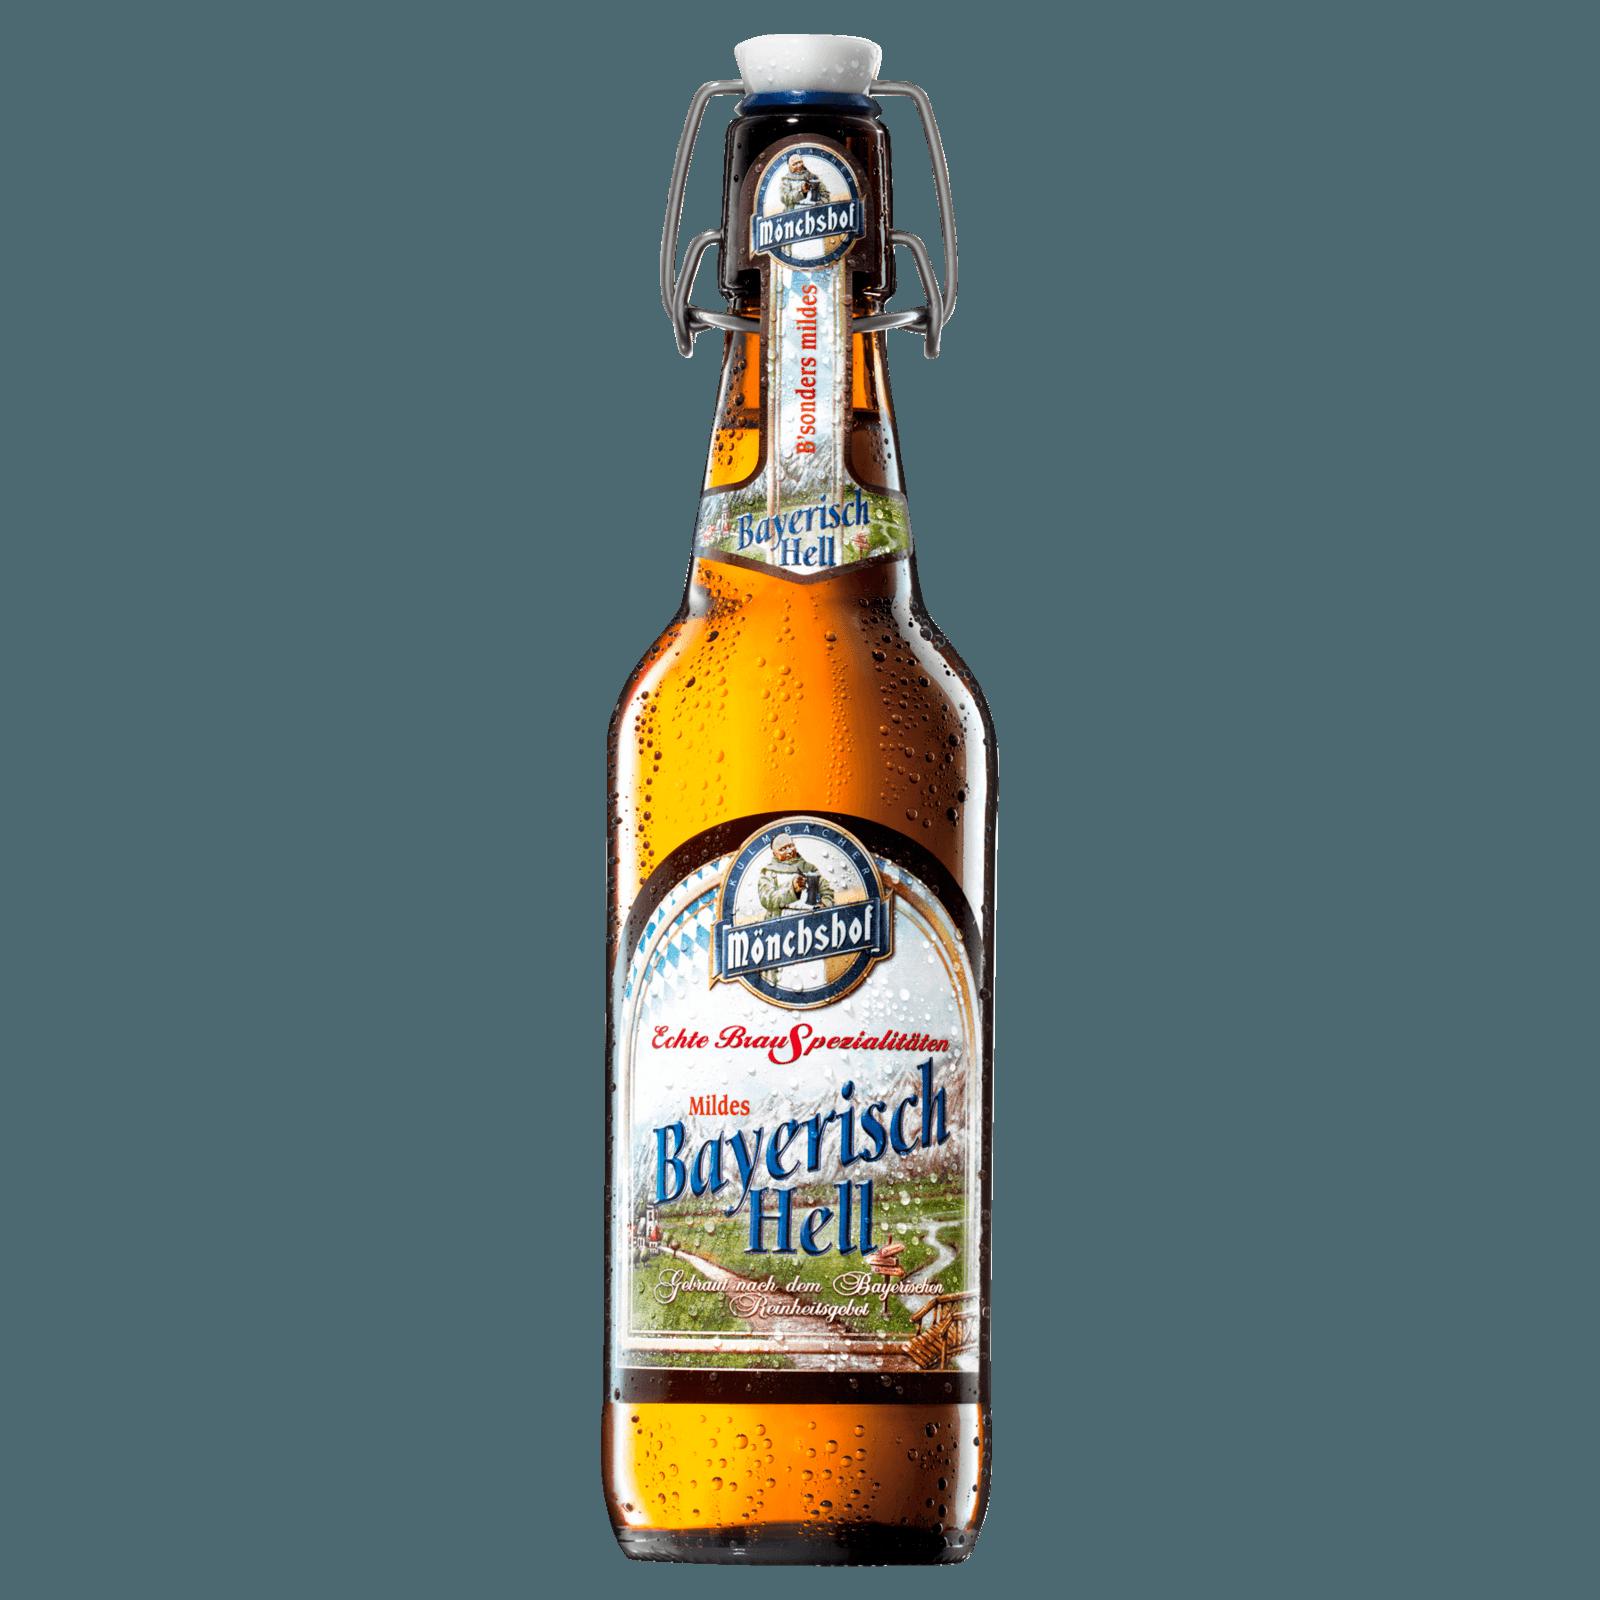 Mönchshof Bayerisch Hell 0,5l